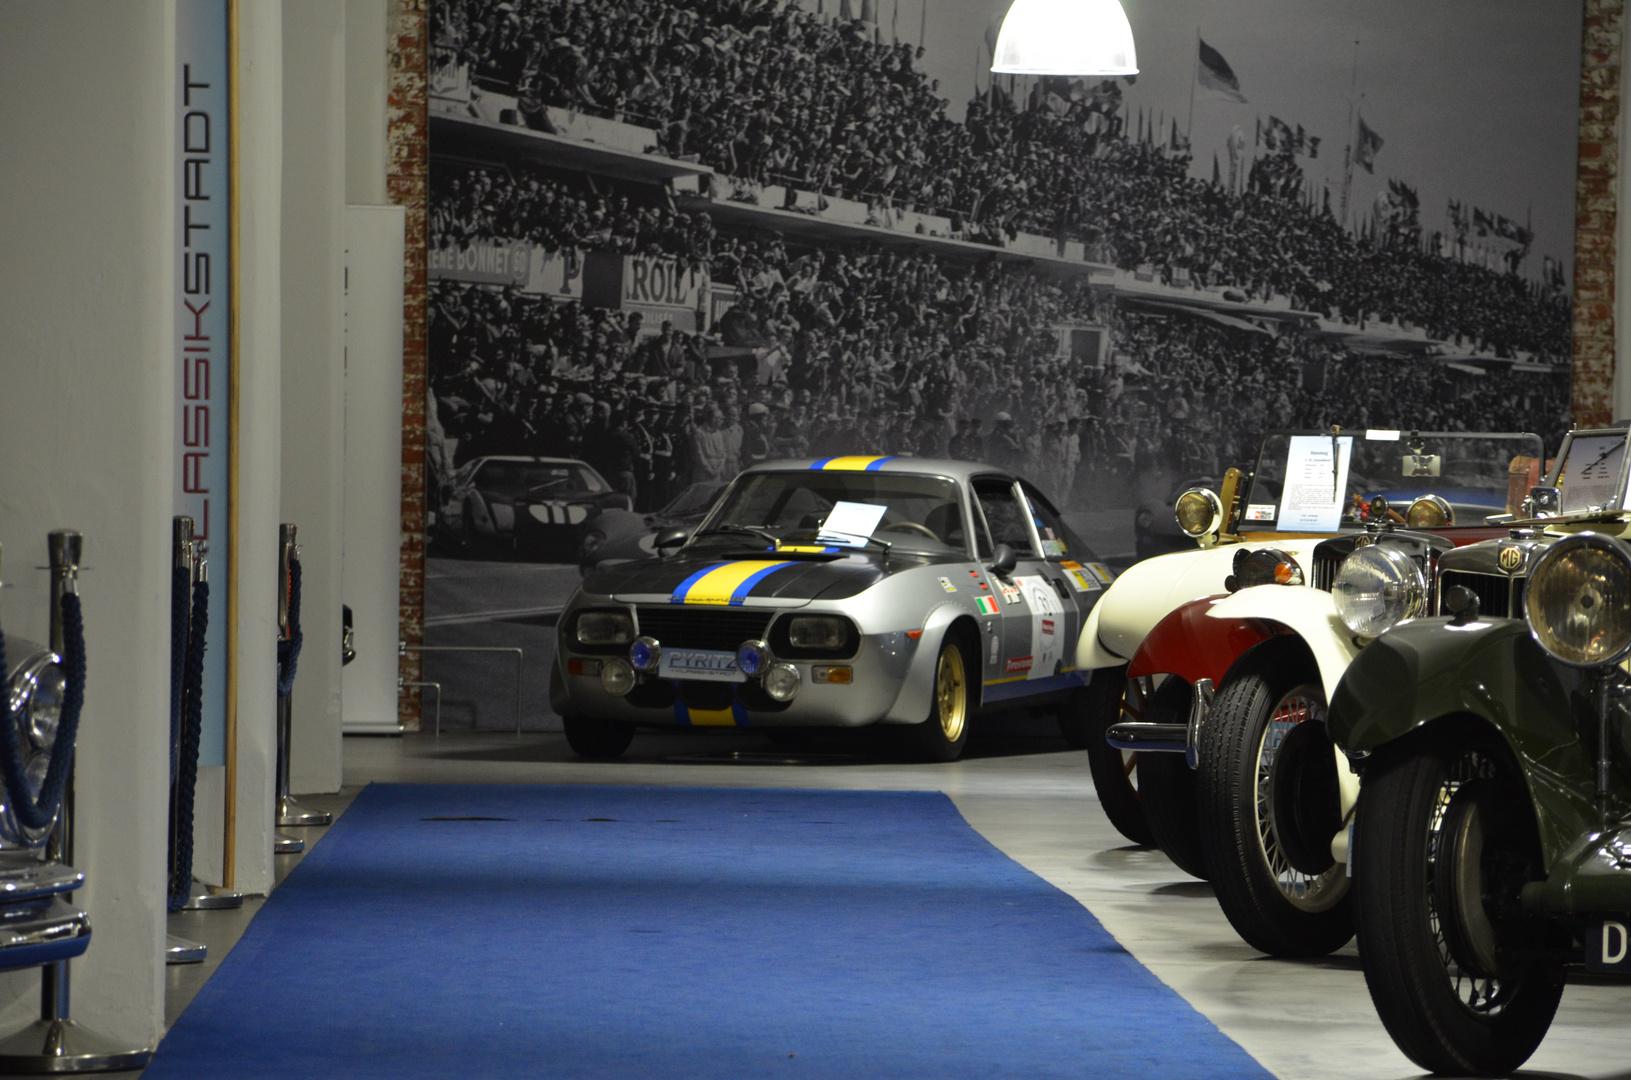 Schöner alter Rennwagen vor Zuschauer Kulisse.